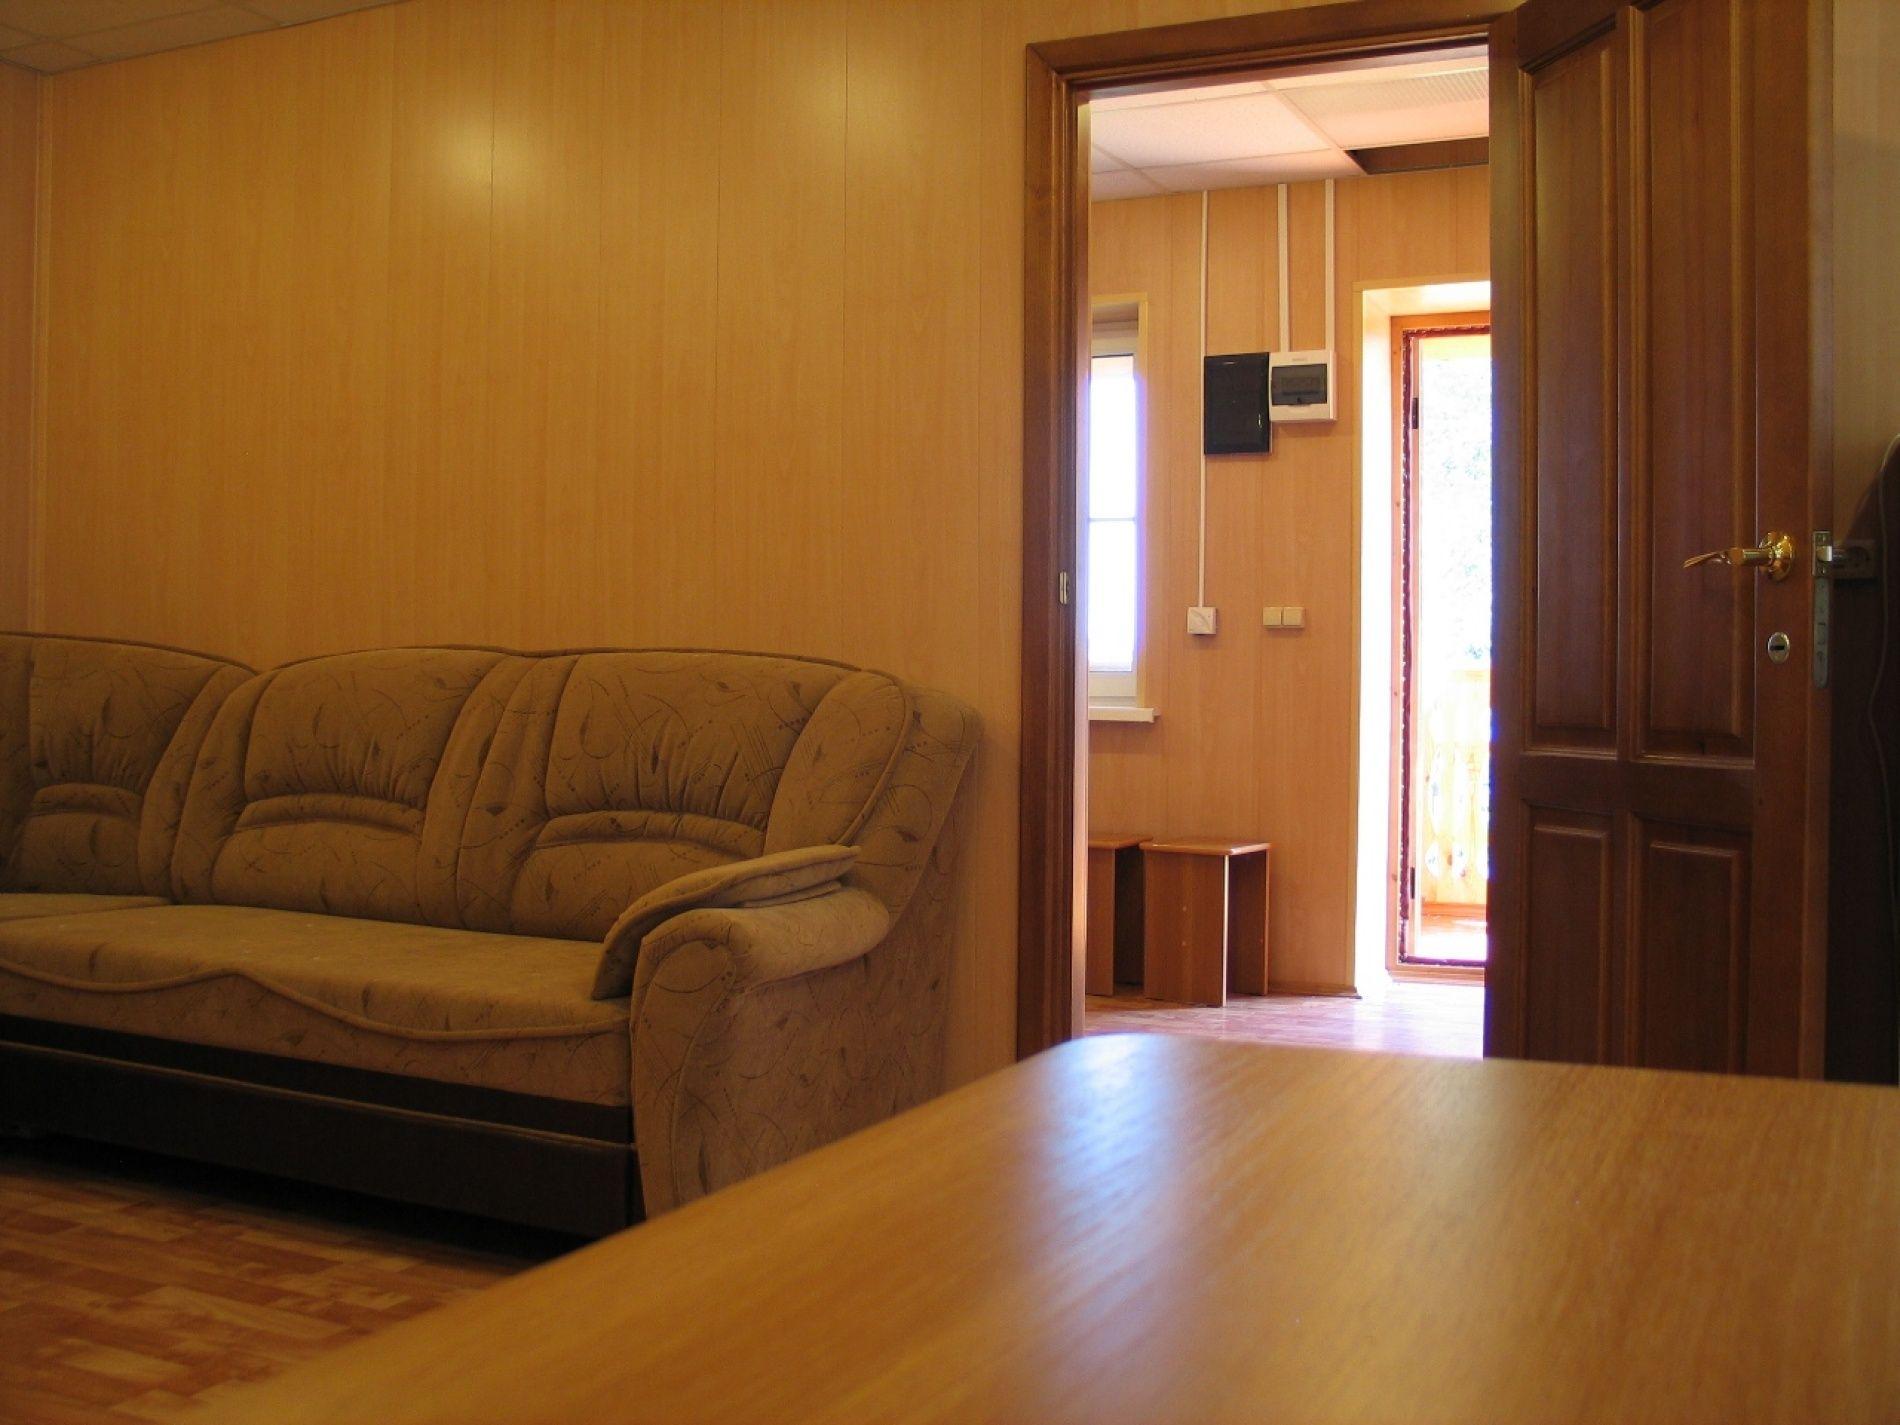 """База отдыха """"Гринта"""" (быв. Квинта) Челябинская область Двухэтажный 2-х комнатный коттедж № 12 (с залом у озера) , фото 5"""